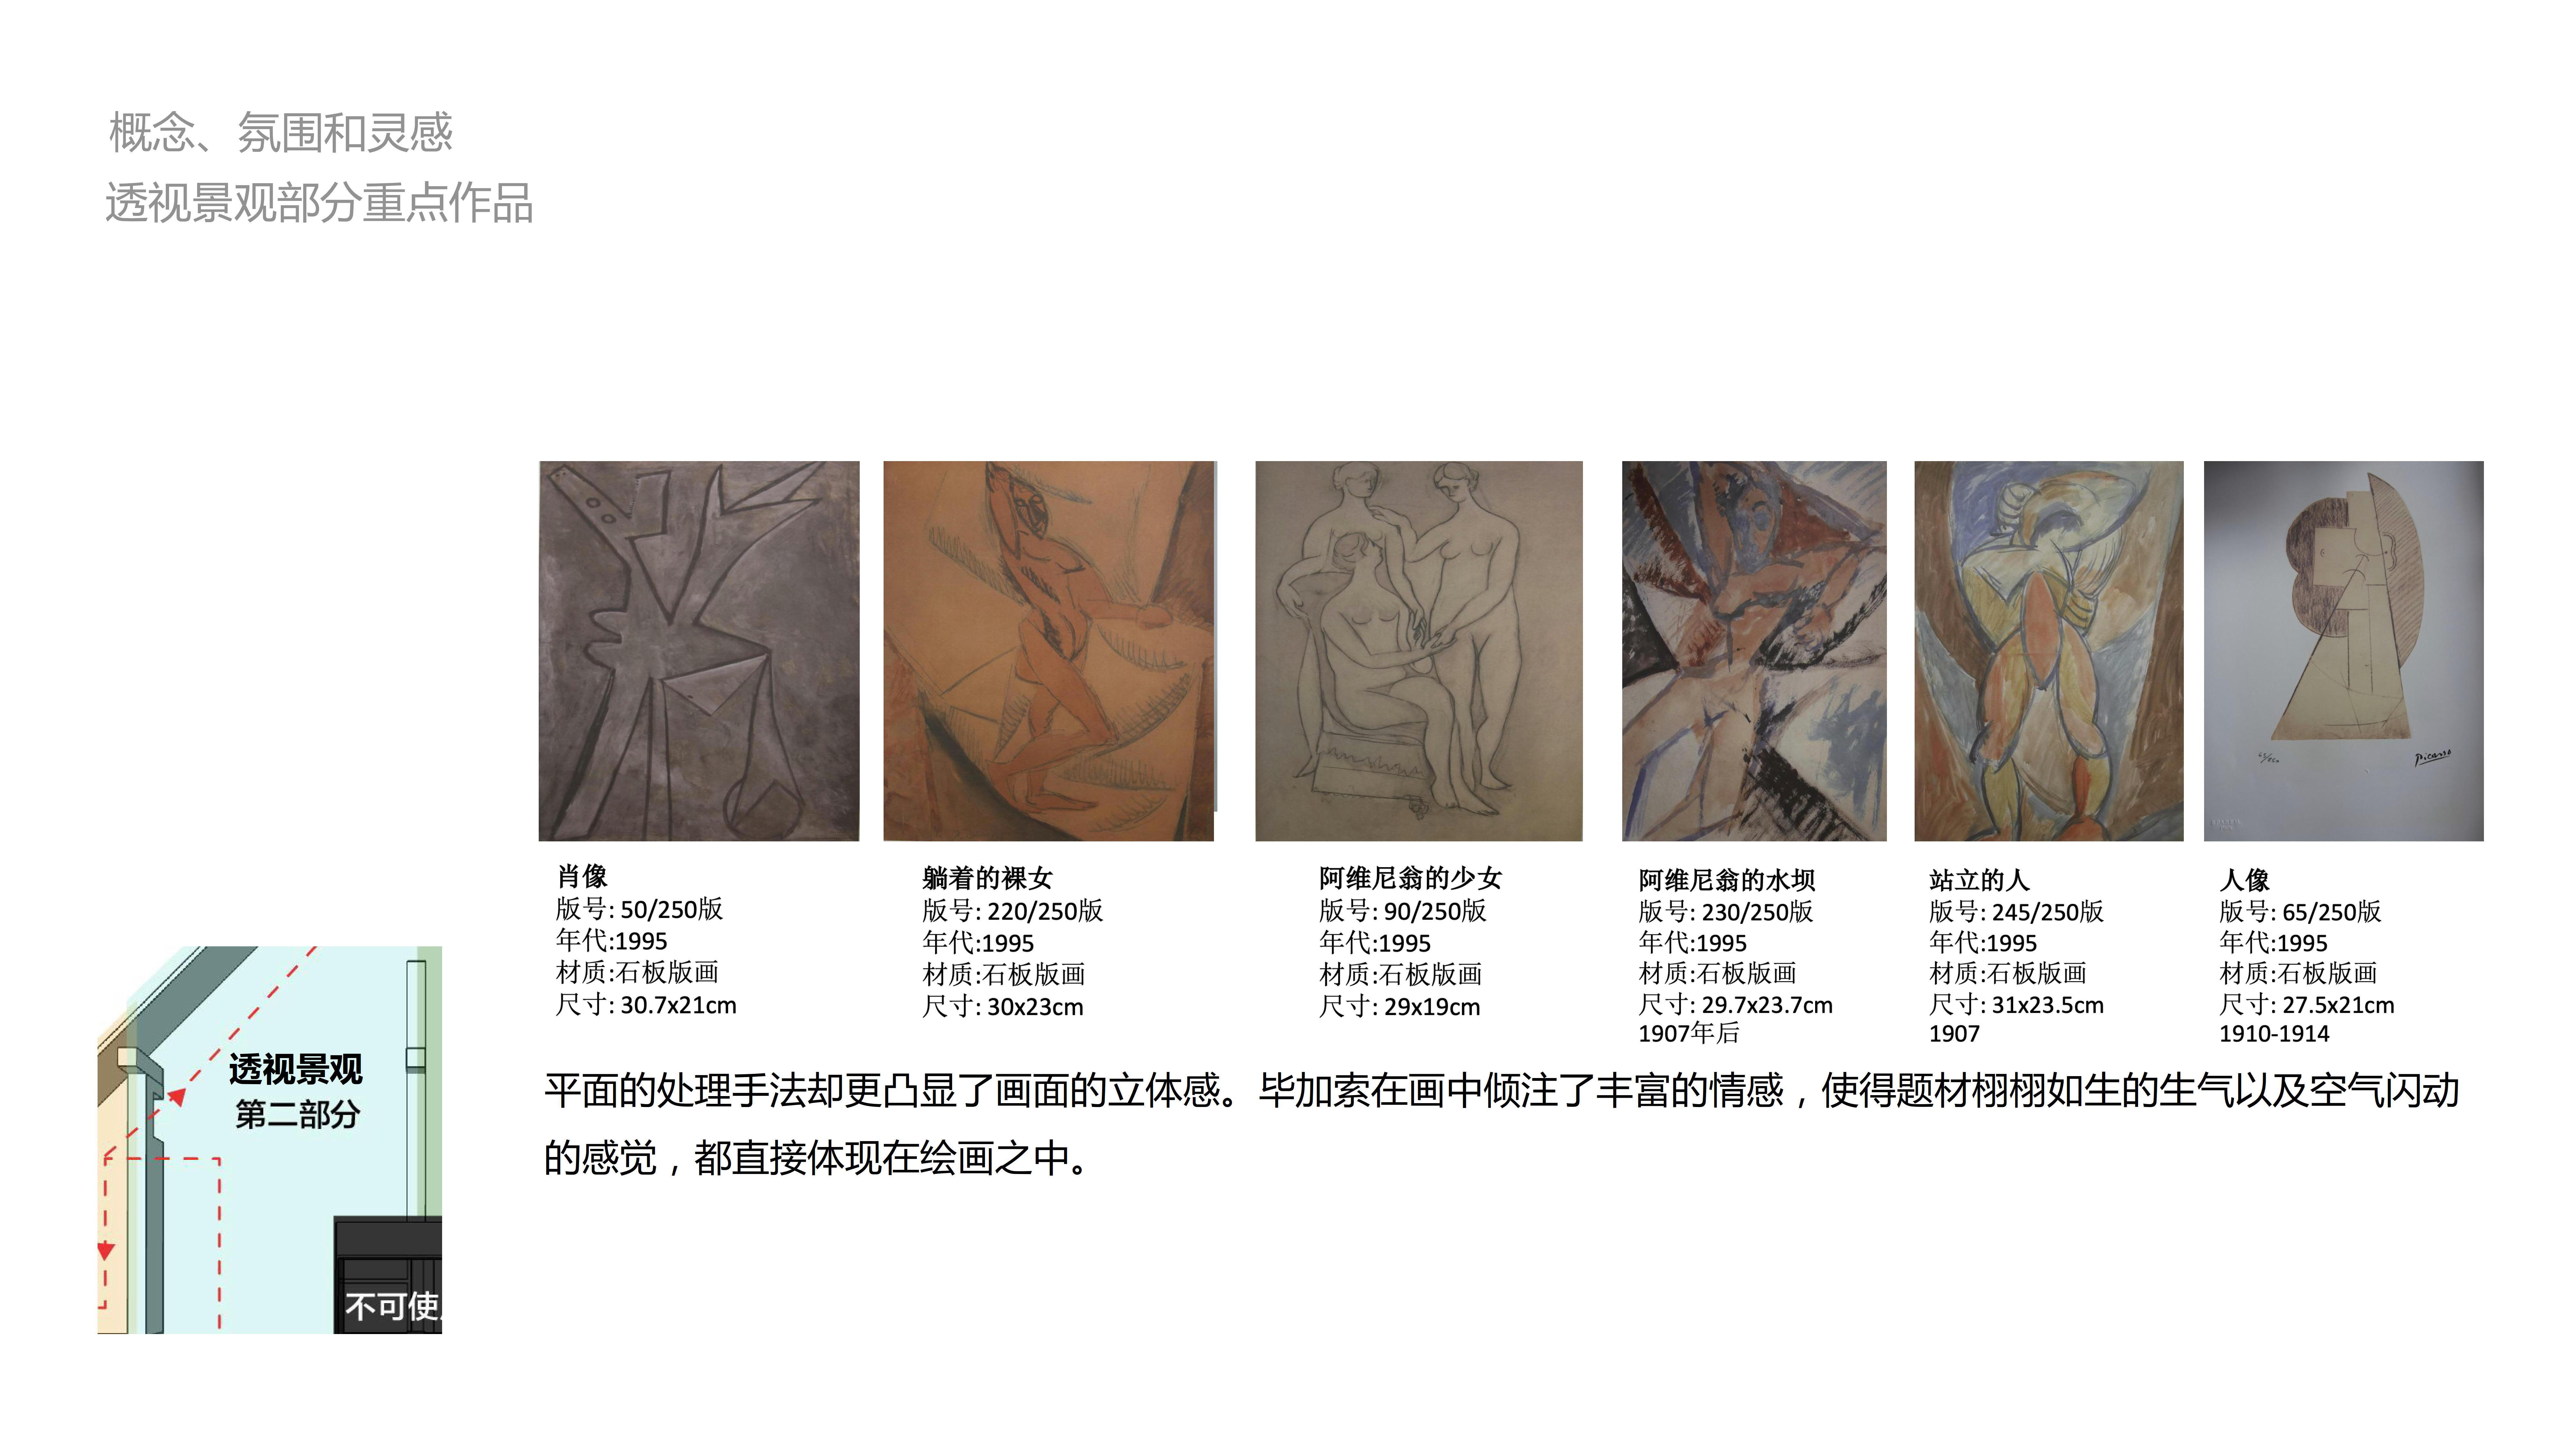 鬼才毕加索的异想世界主题艺术展